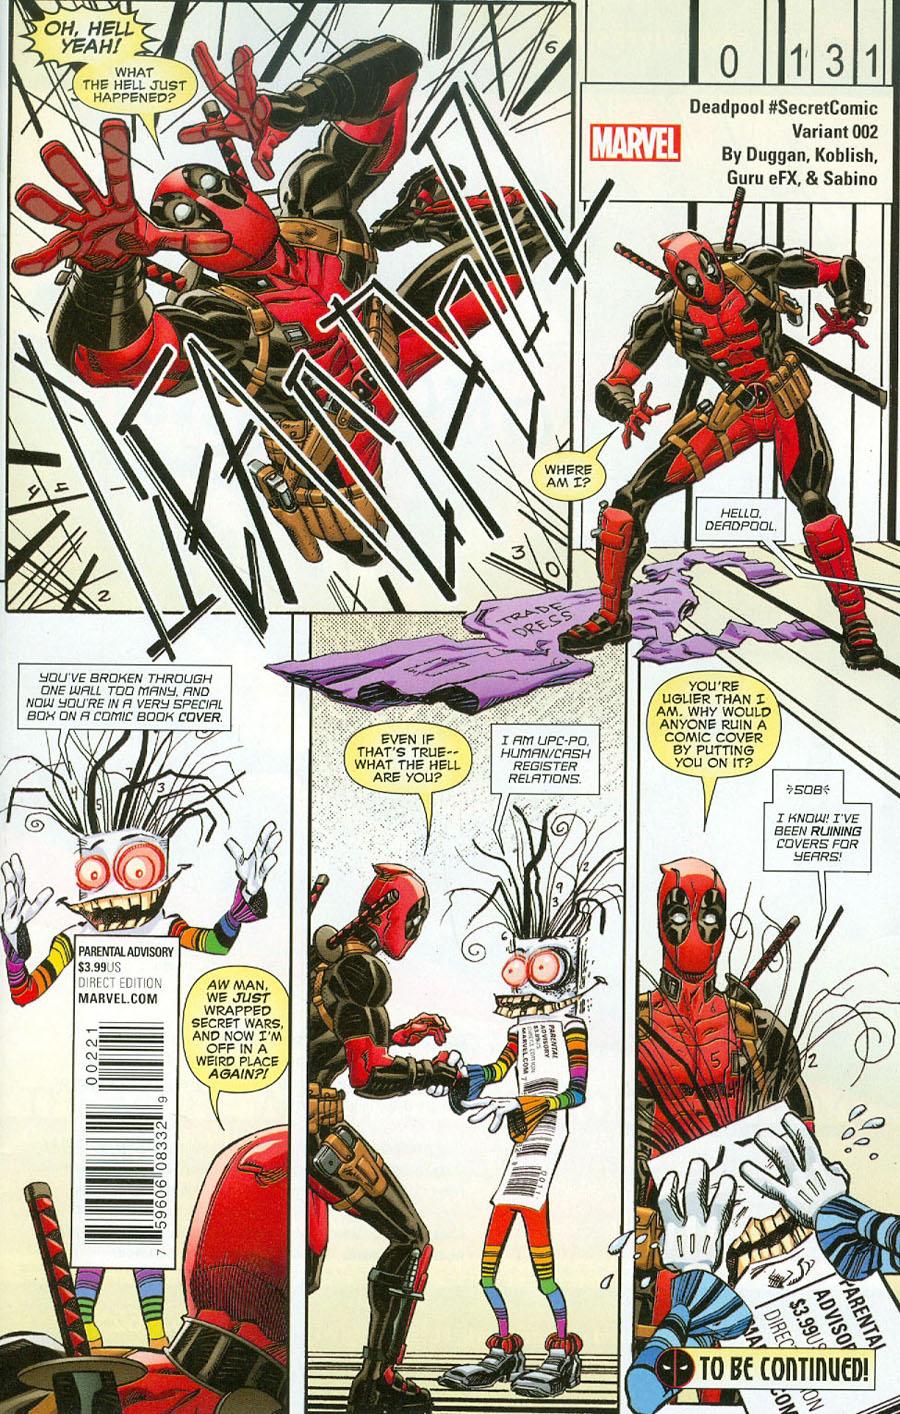 Deadpool Vol 5 #2 Cover B Variant Scott Koblish Secret Comic Cover